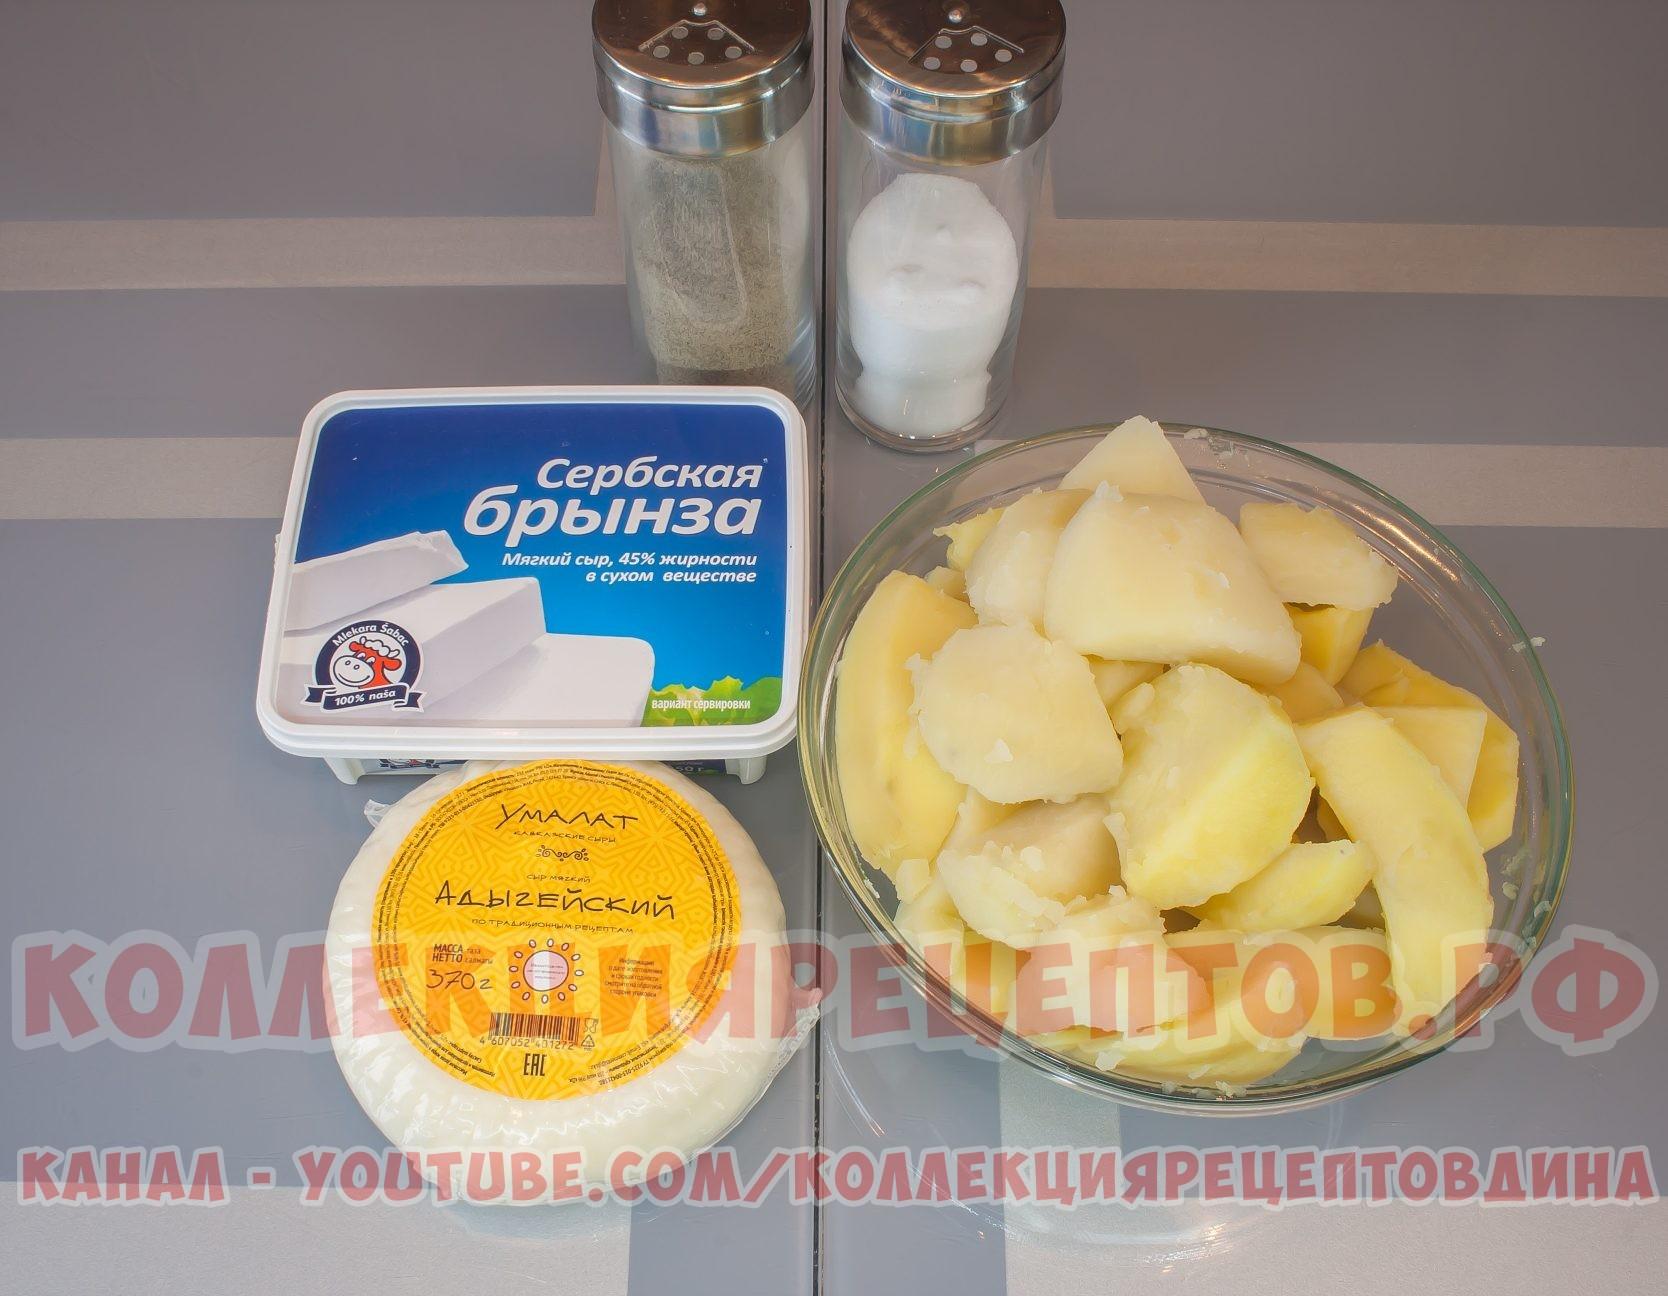 Осетинские пироги с сыром и картошкой